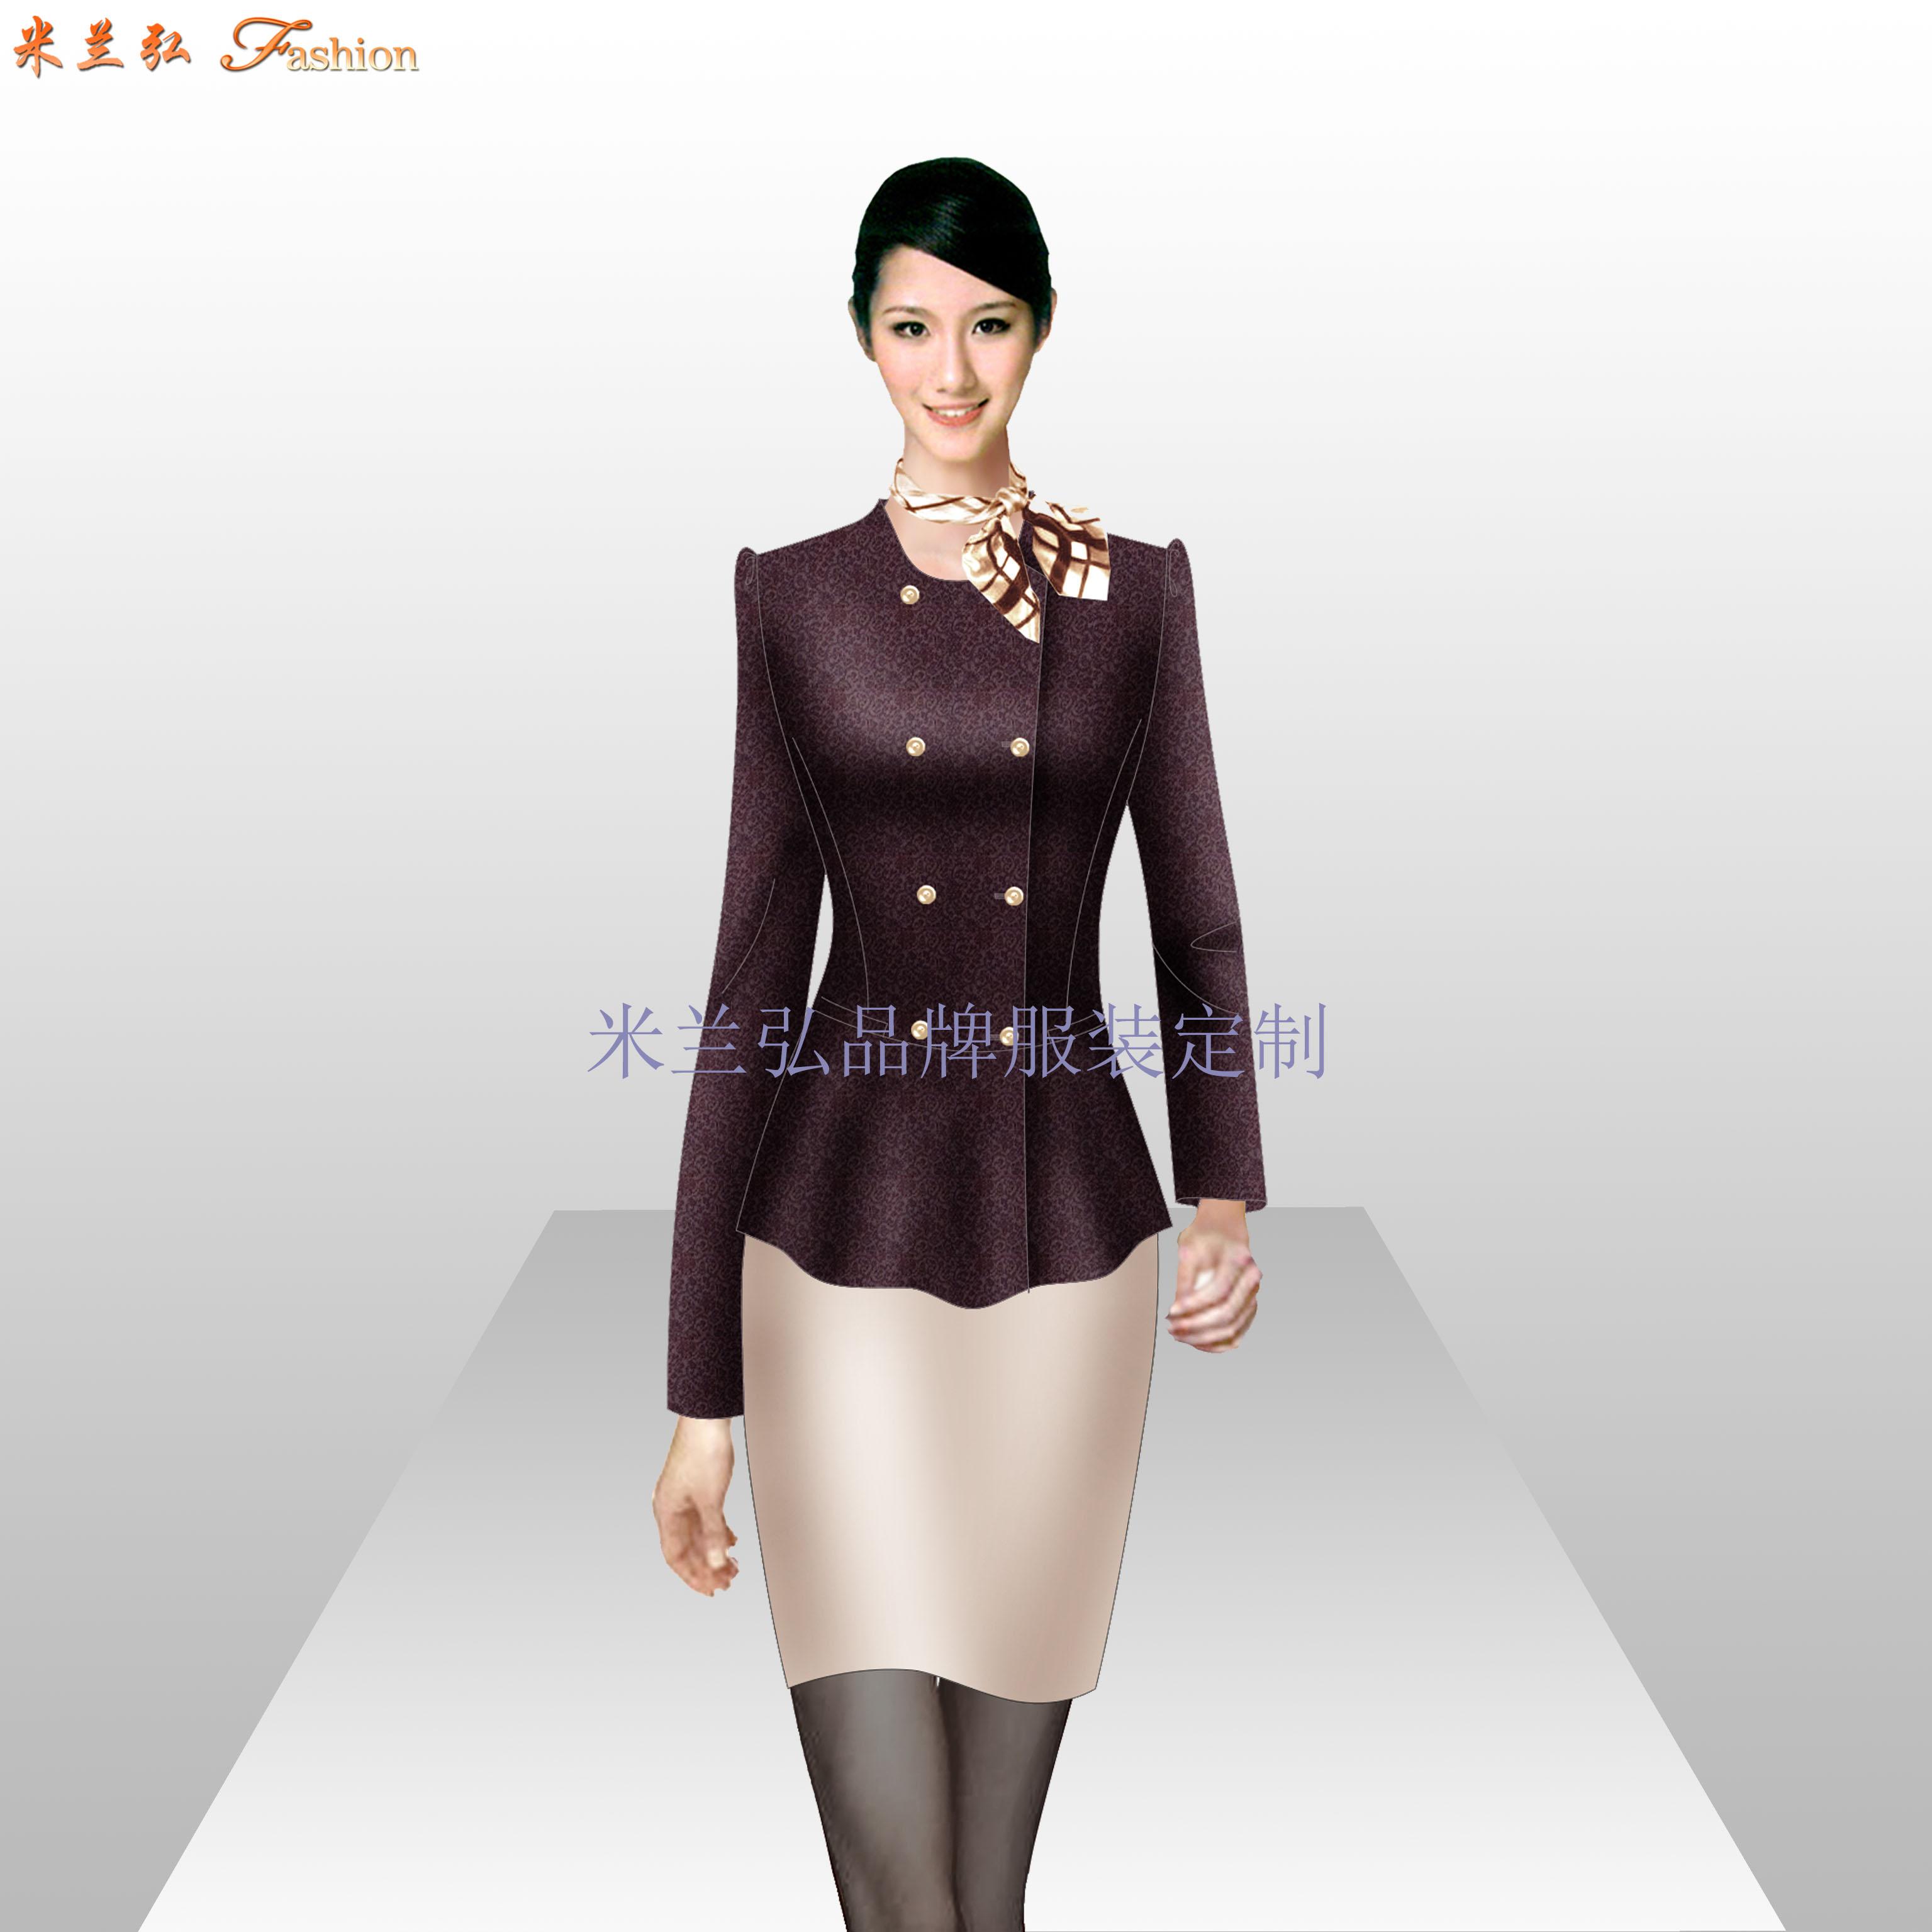 Ladiessuit女士西服套装时尚新款-蓝冠注册厂家-1